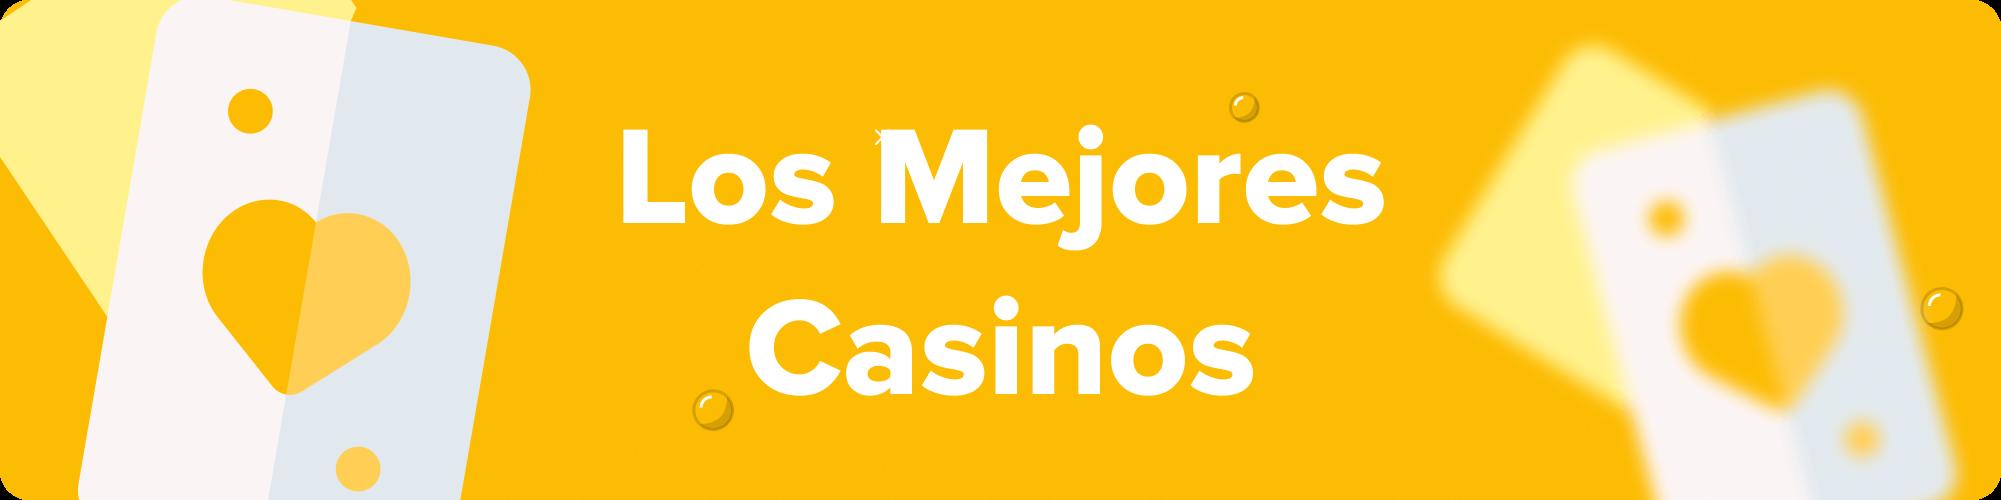 los mejores casinos